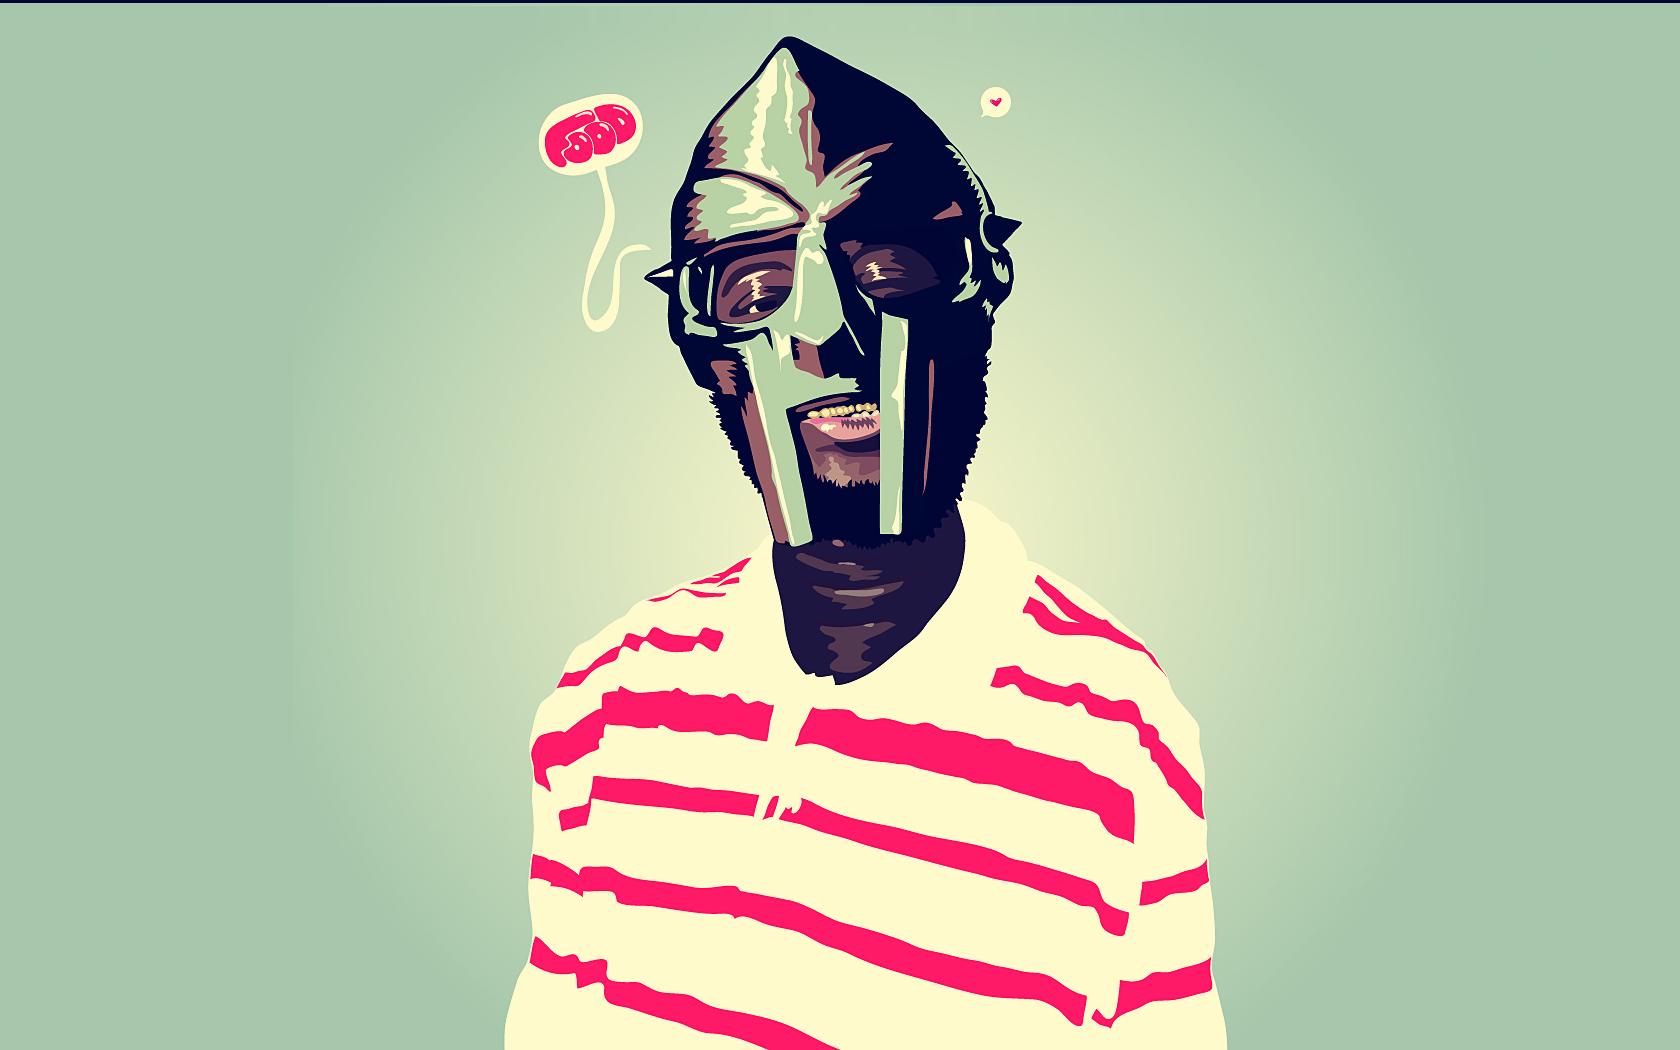 Mf Doom Wallpaper Rap Wallpapers Mf Doom Rap Wallpaper Doom